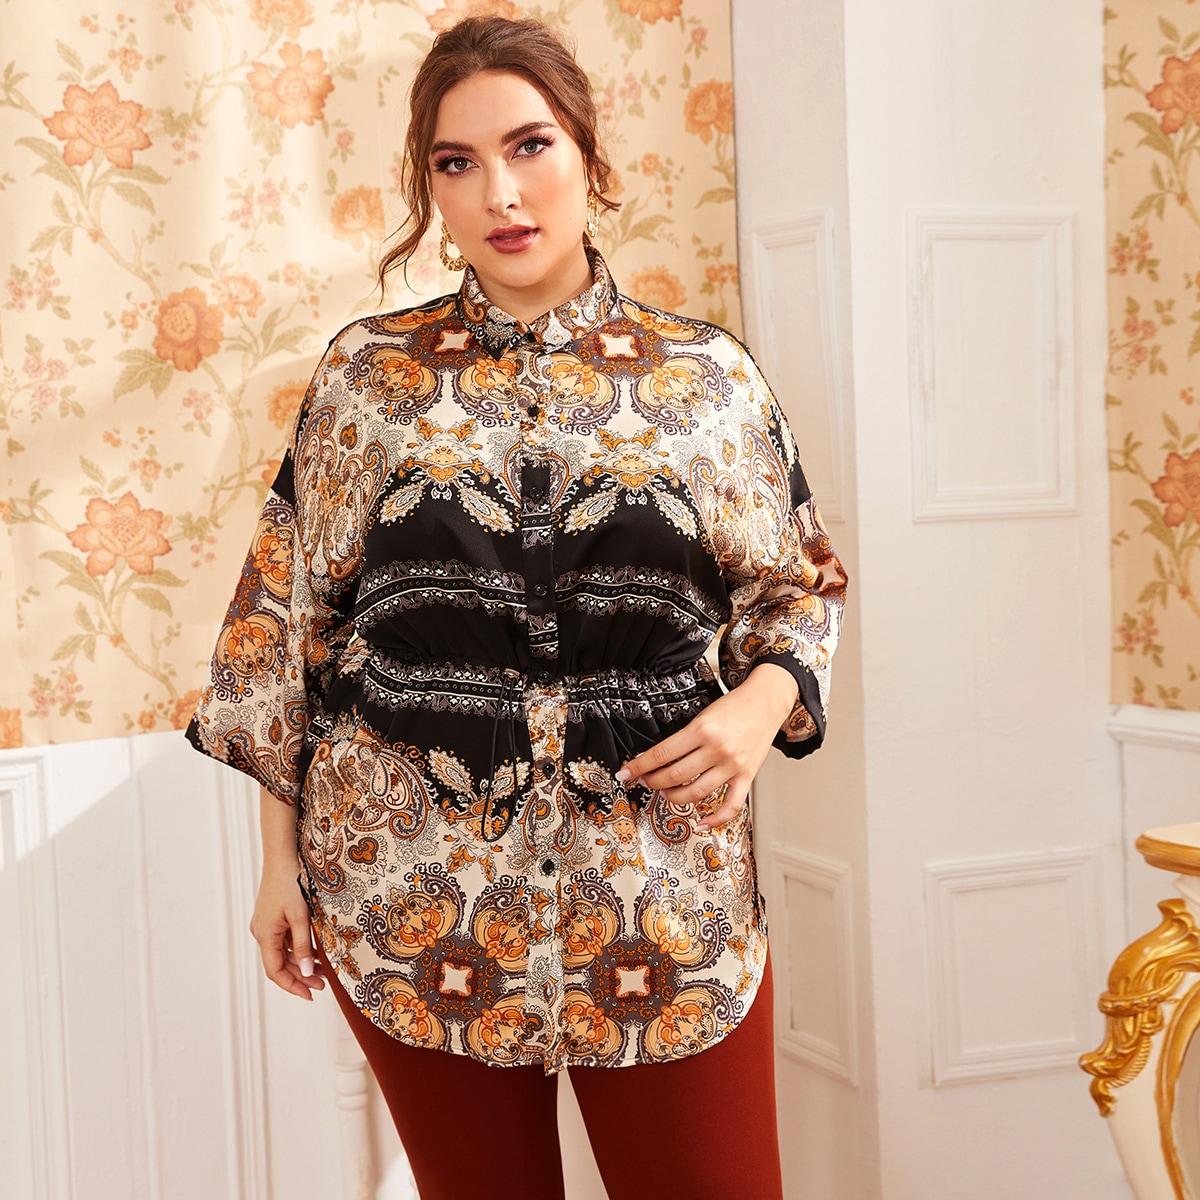 SHEIN / Bluse mit Kordelzug um die Taill und Stamm Muster